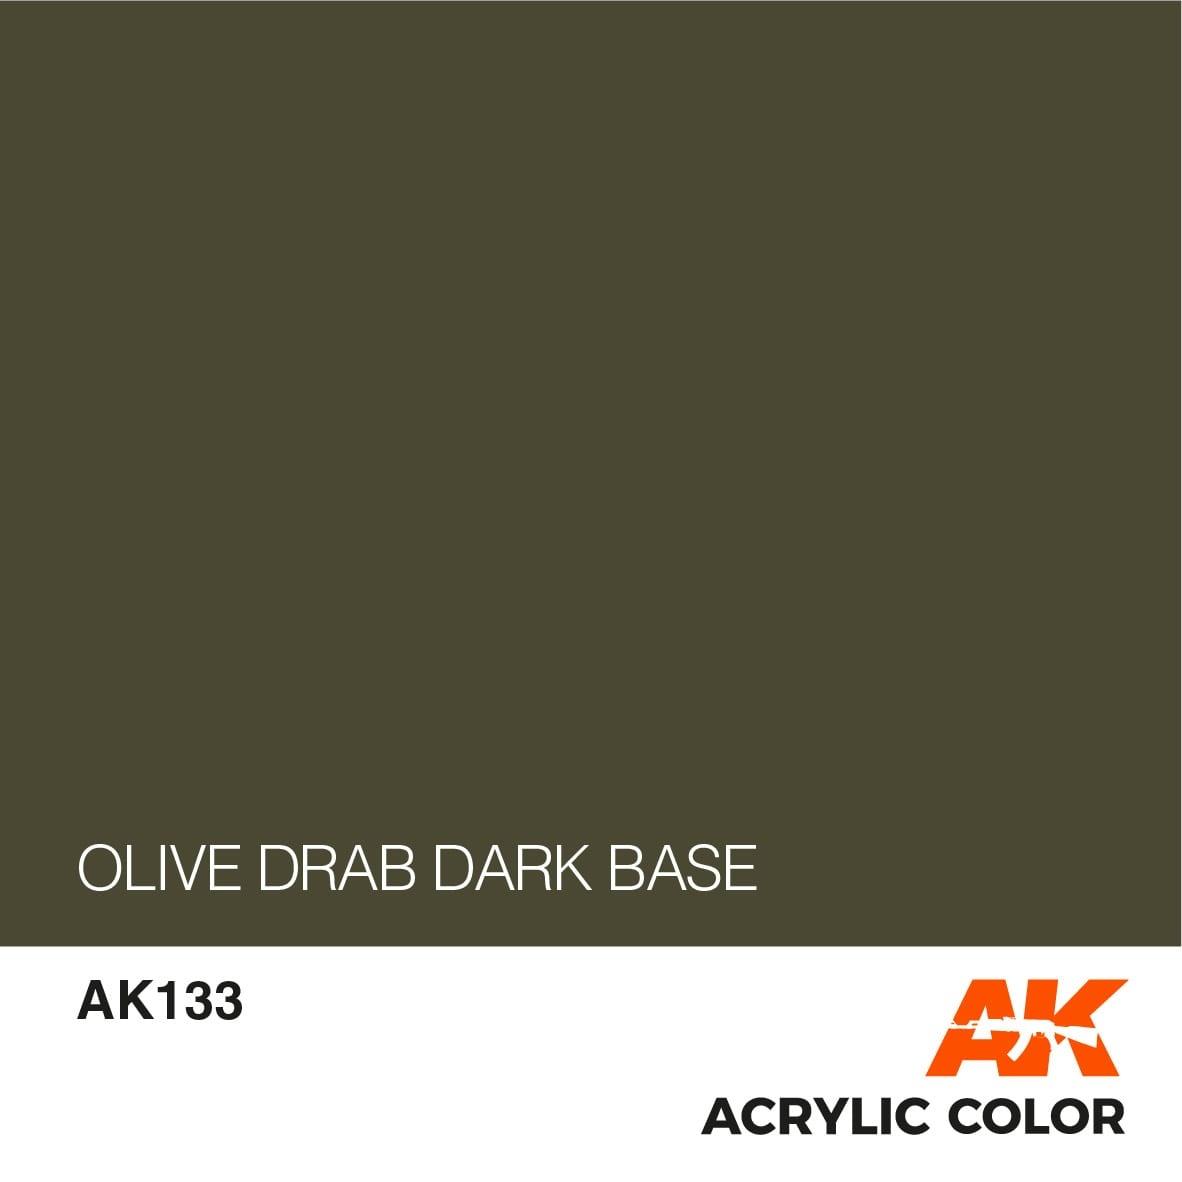 AK-Interactive Olive Drab Dark Base - 17ml - AK-Interactive - AK-133